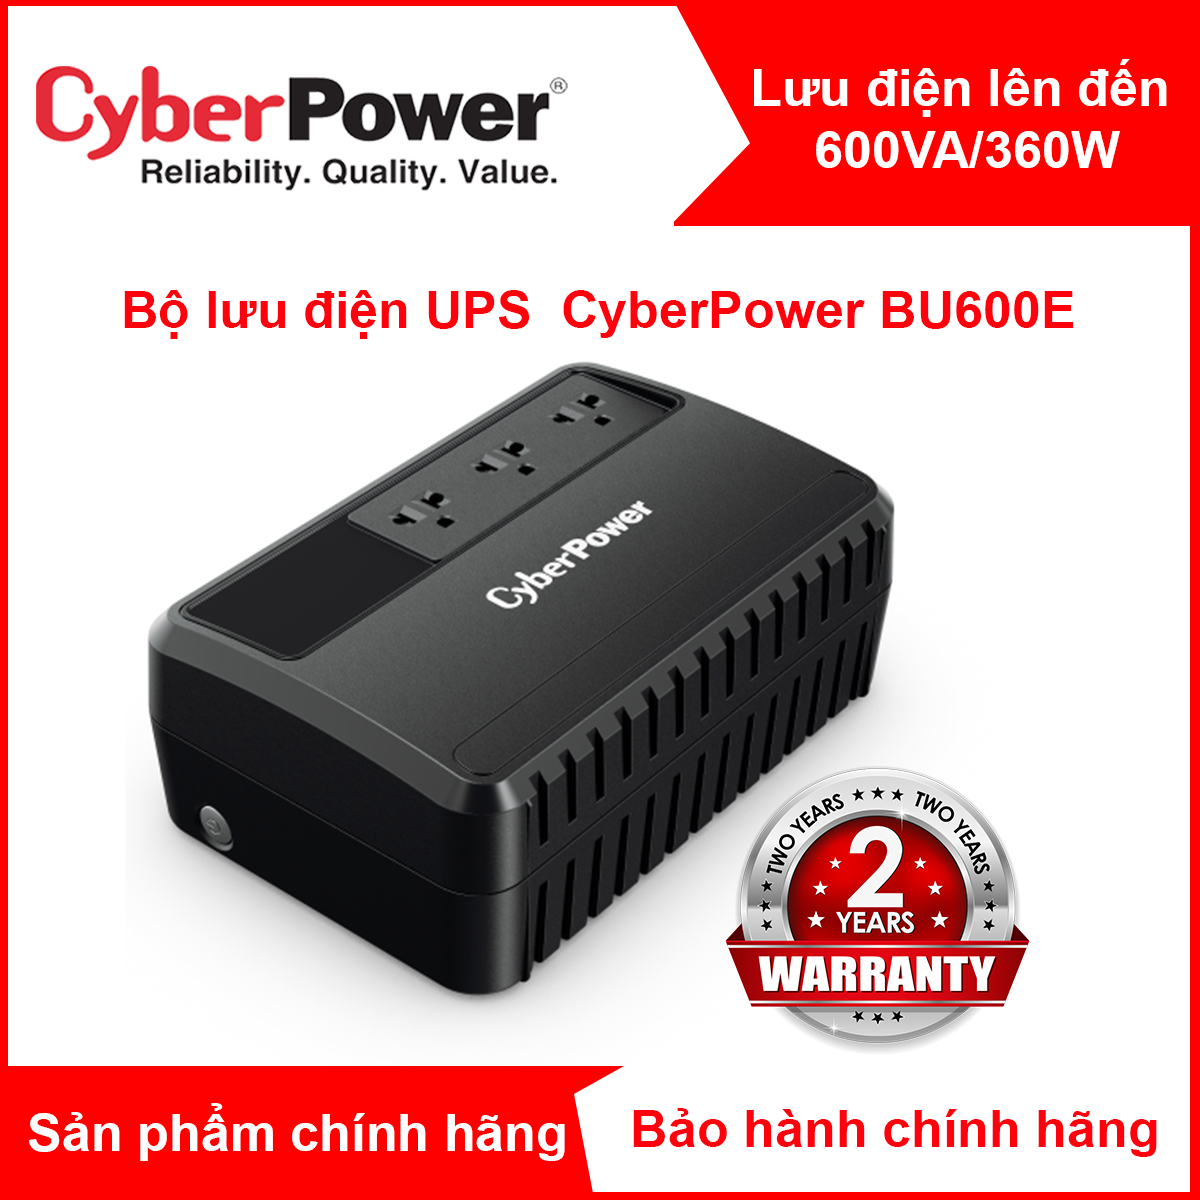 Bộ Lưu Điện UPS Cyber Power BU600E 600VA 360W chính hãng – BH 24 tháng